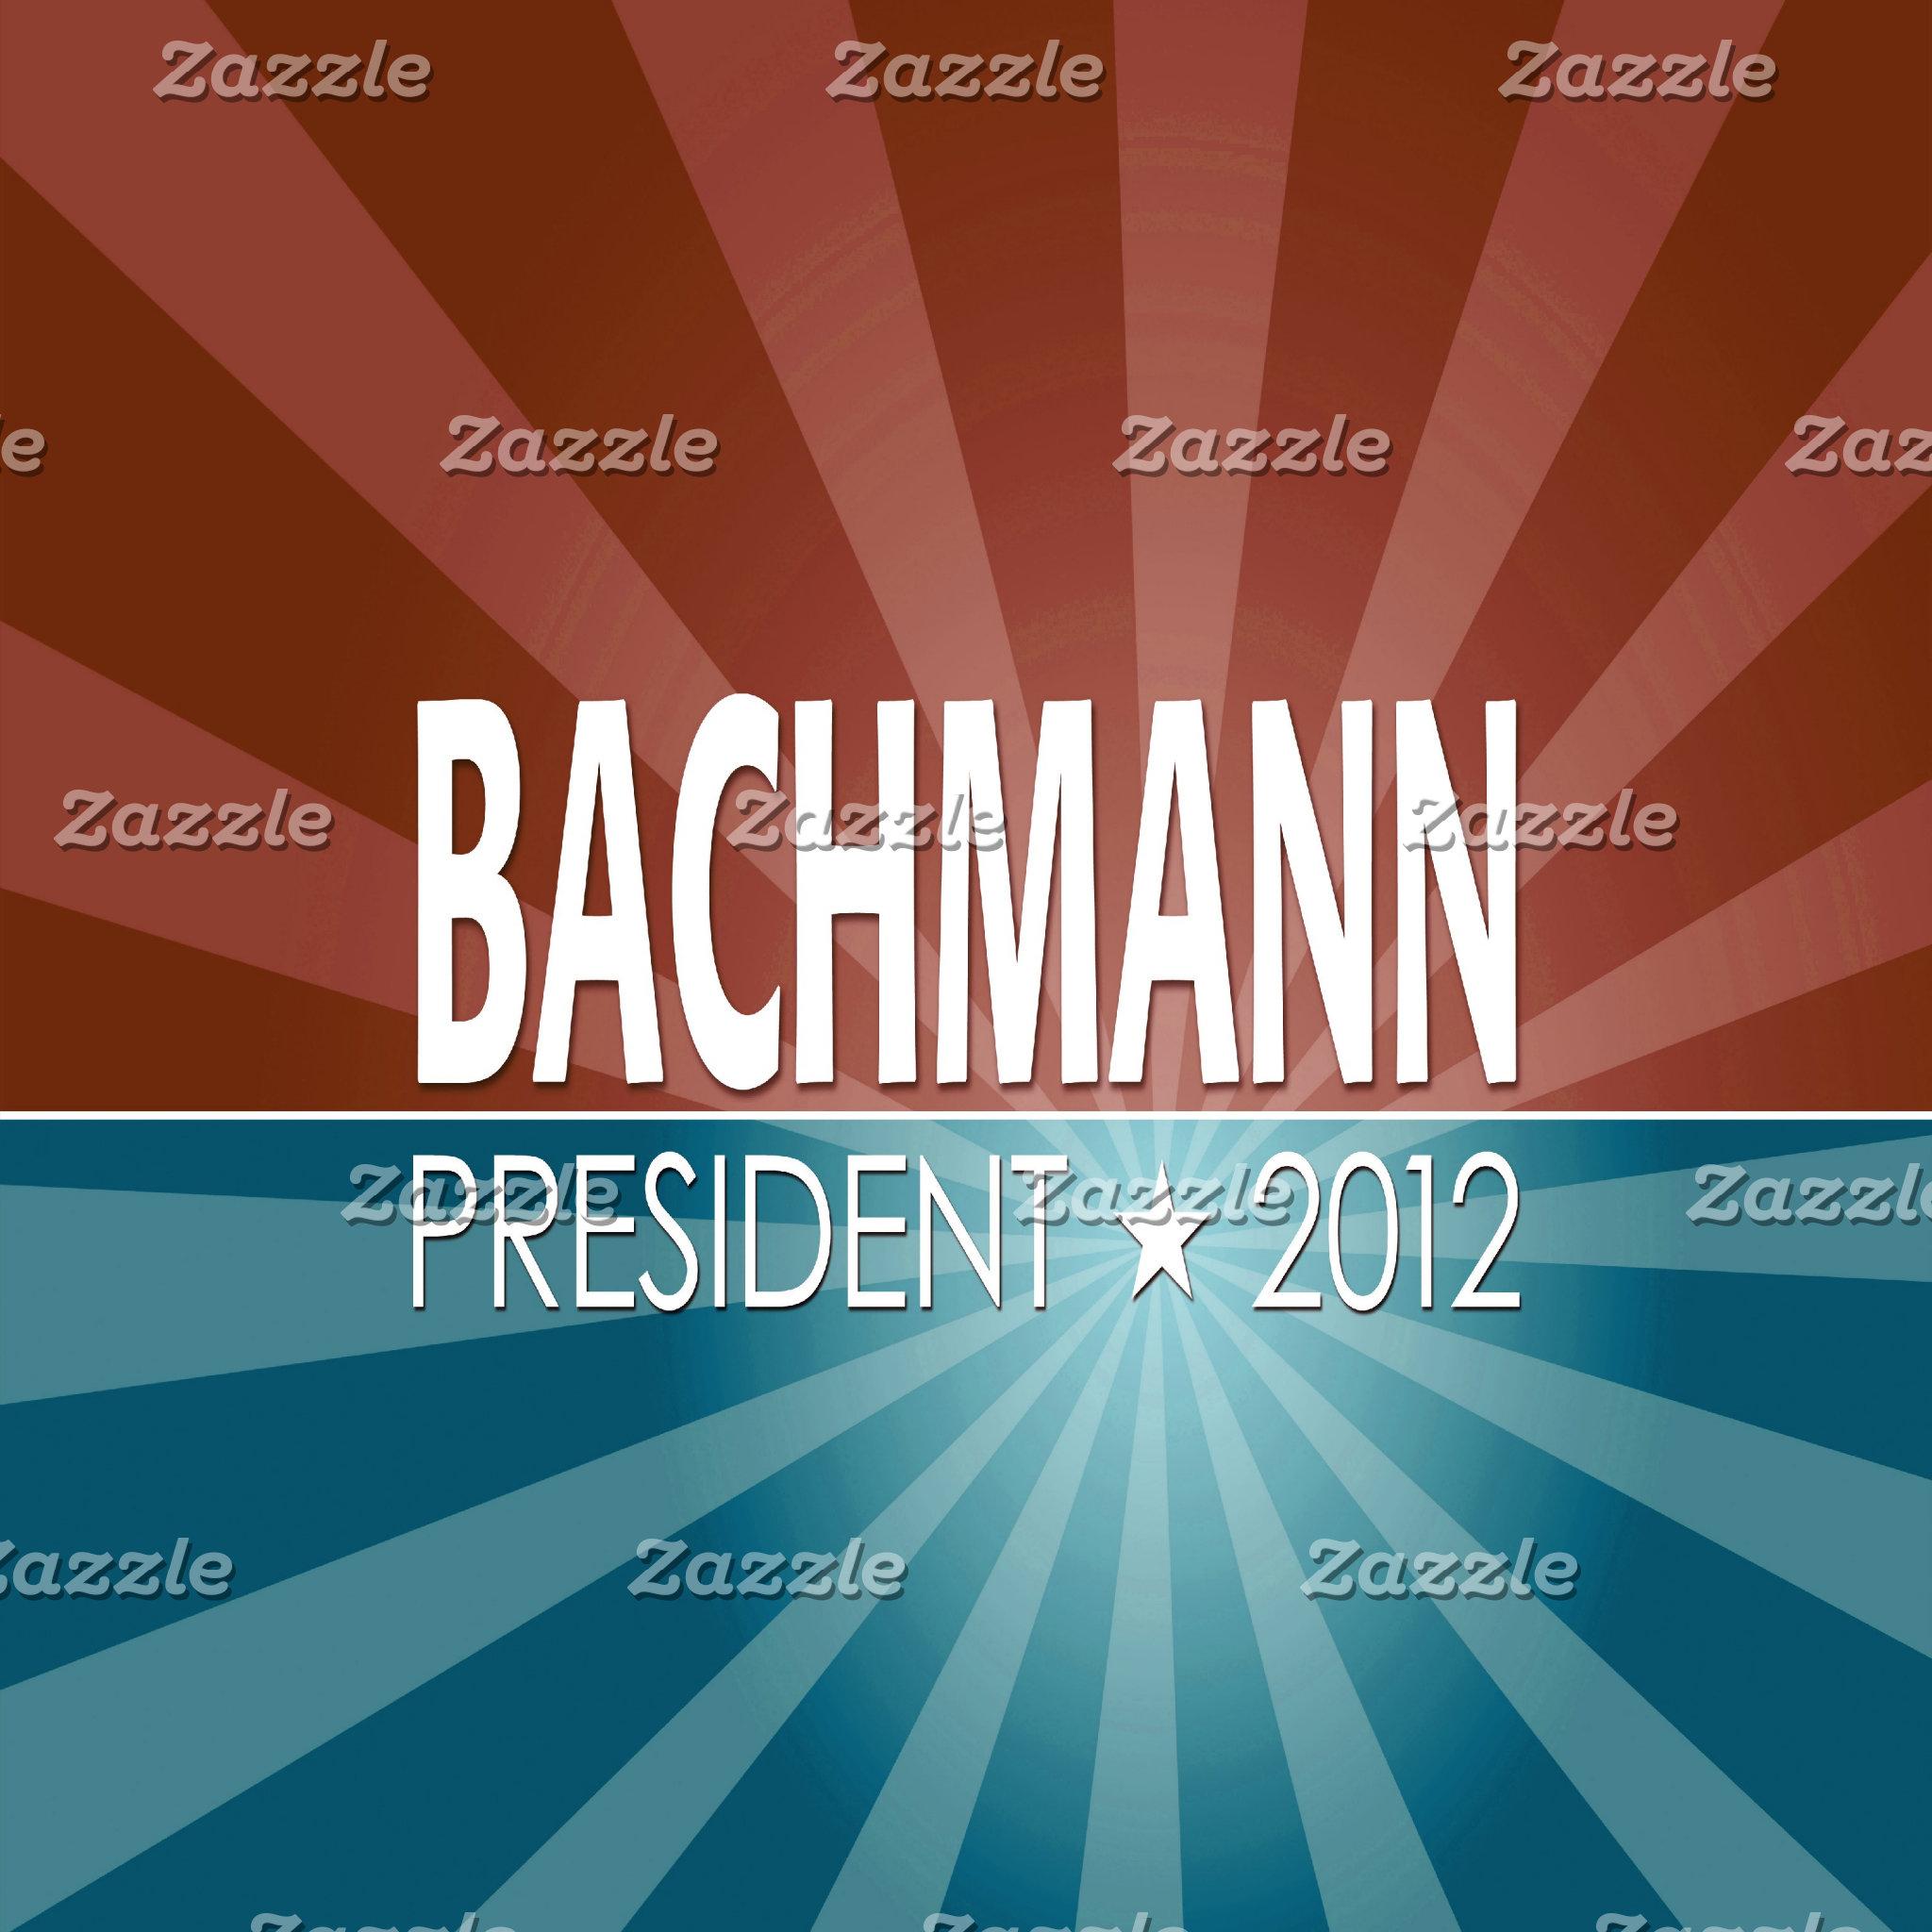 Bachmann, Michele